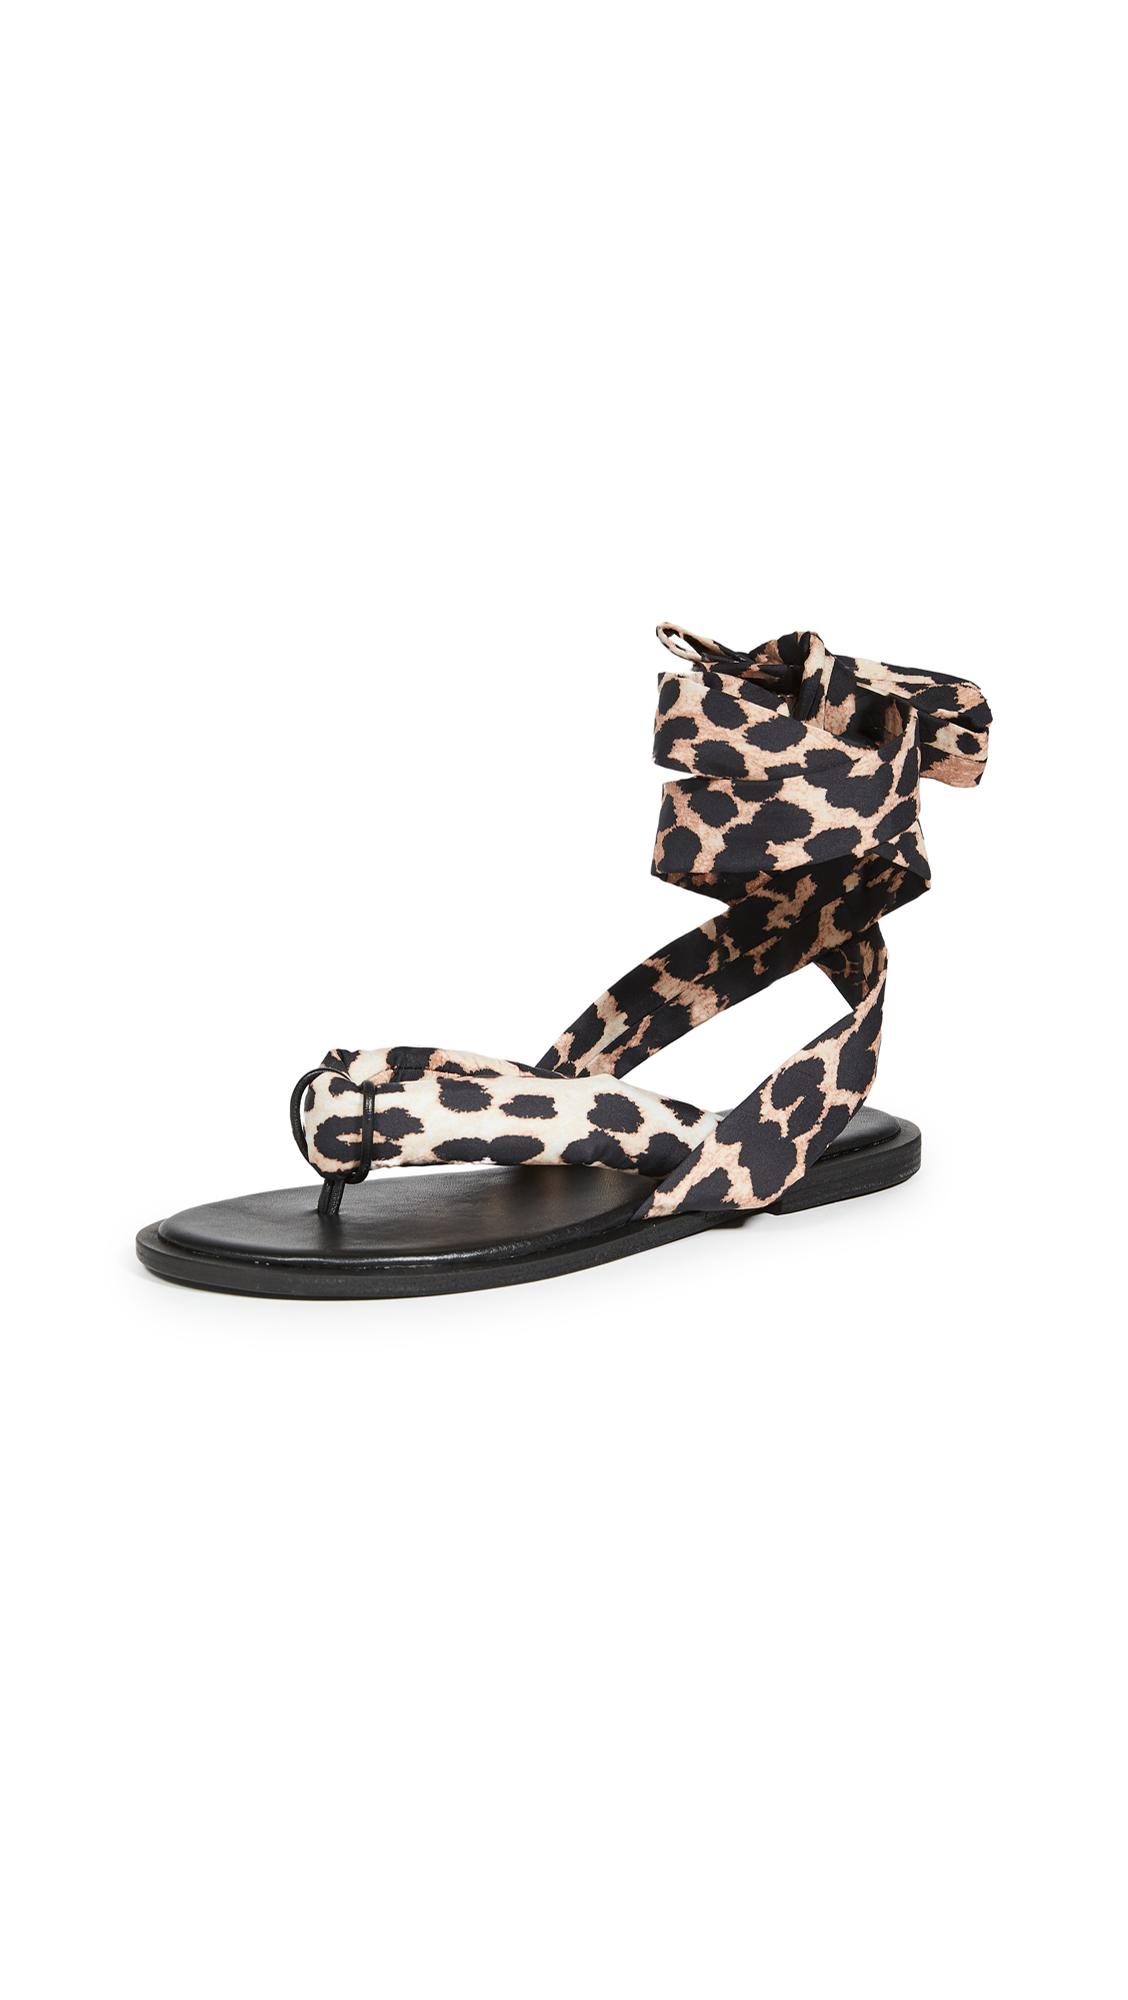 GANNI Puffy Wrap Sandals